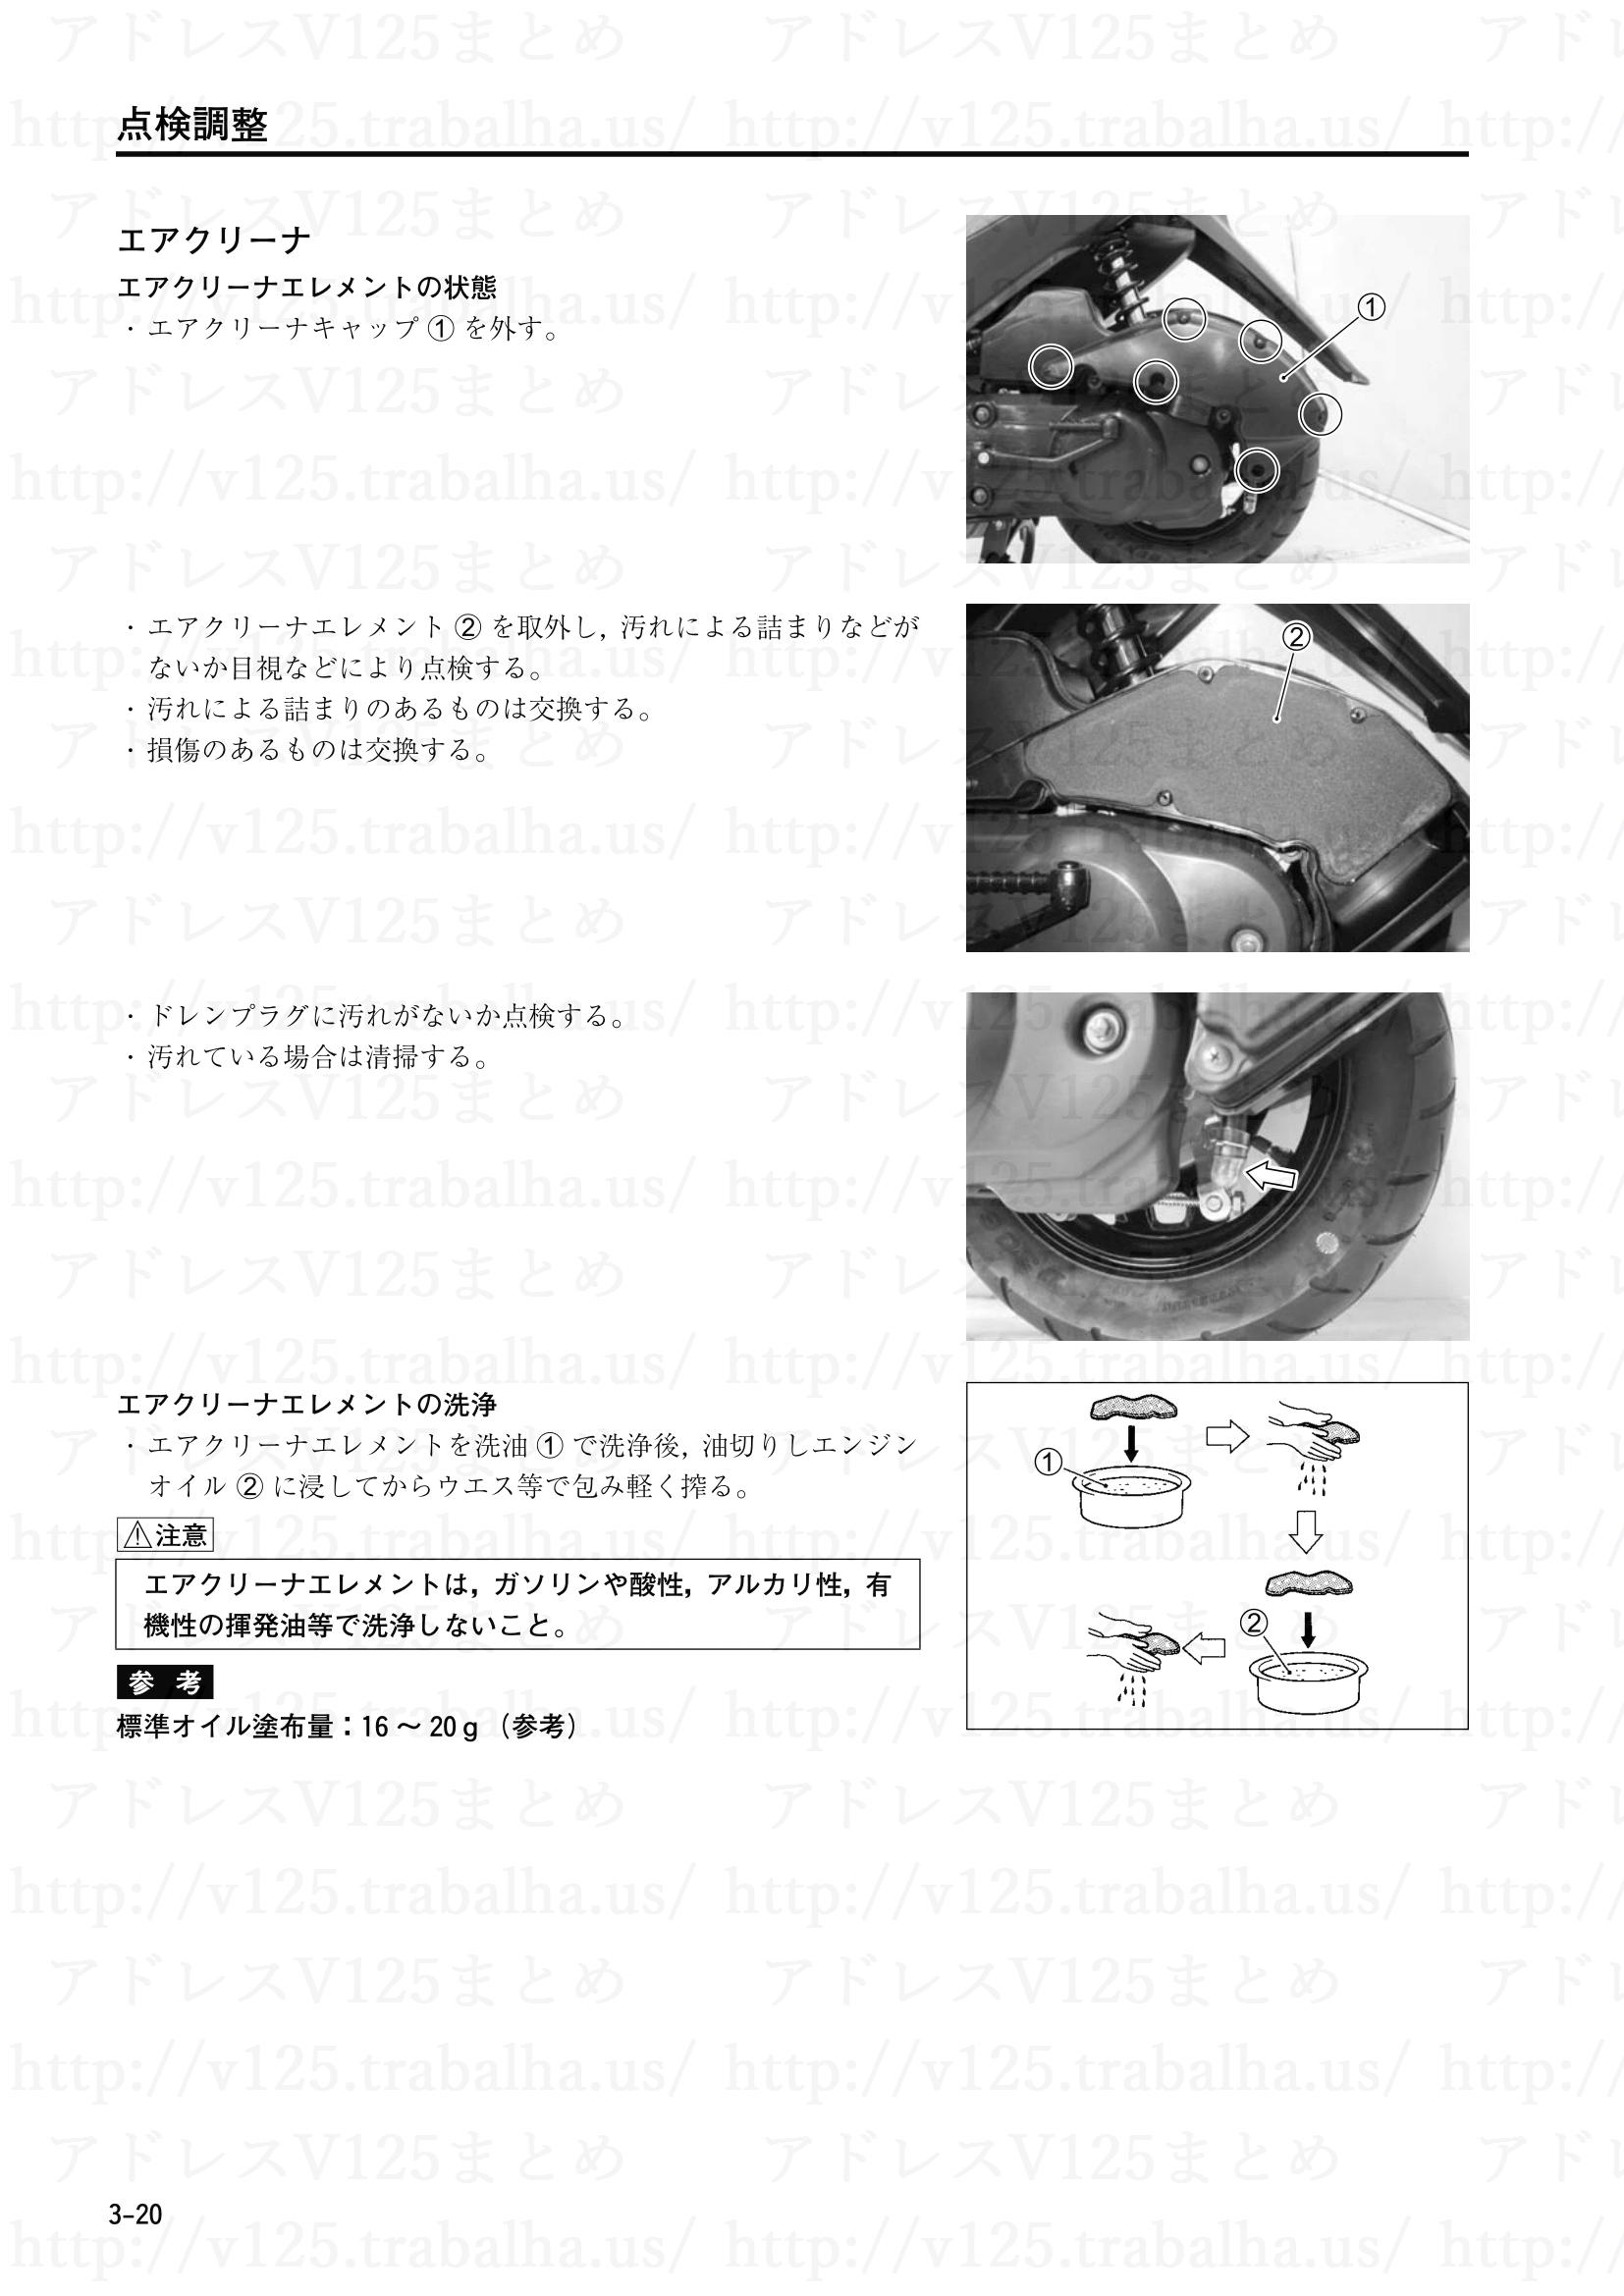 3-20【点検調整】原動機3